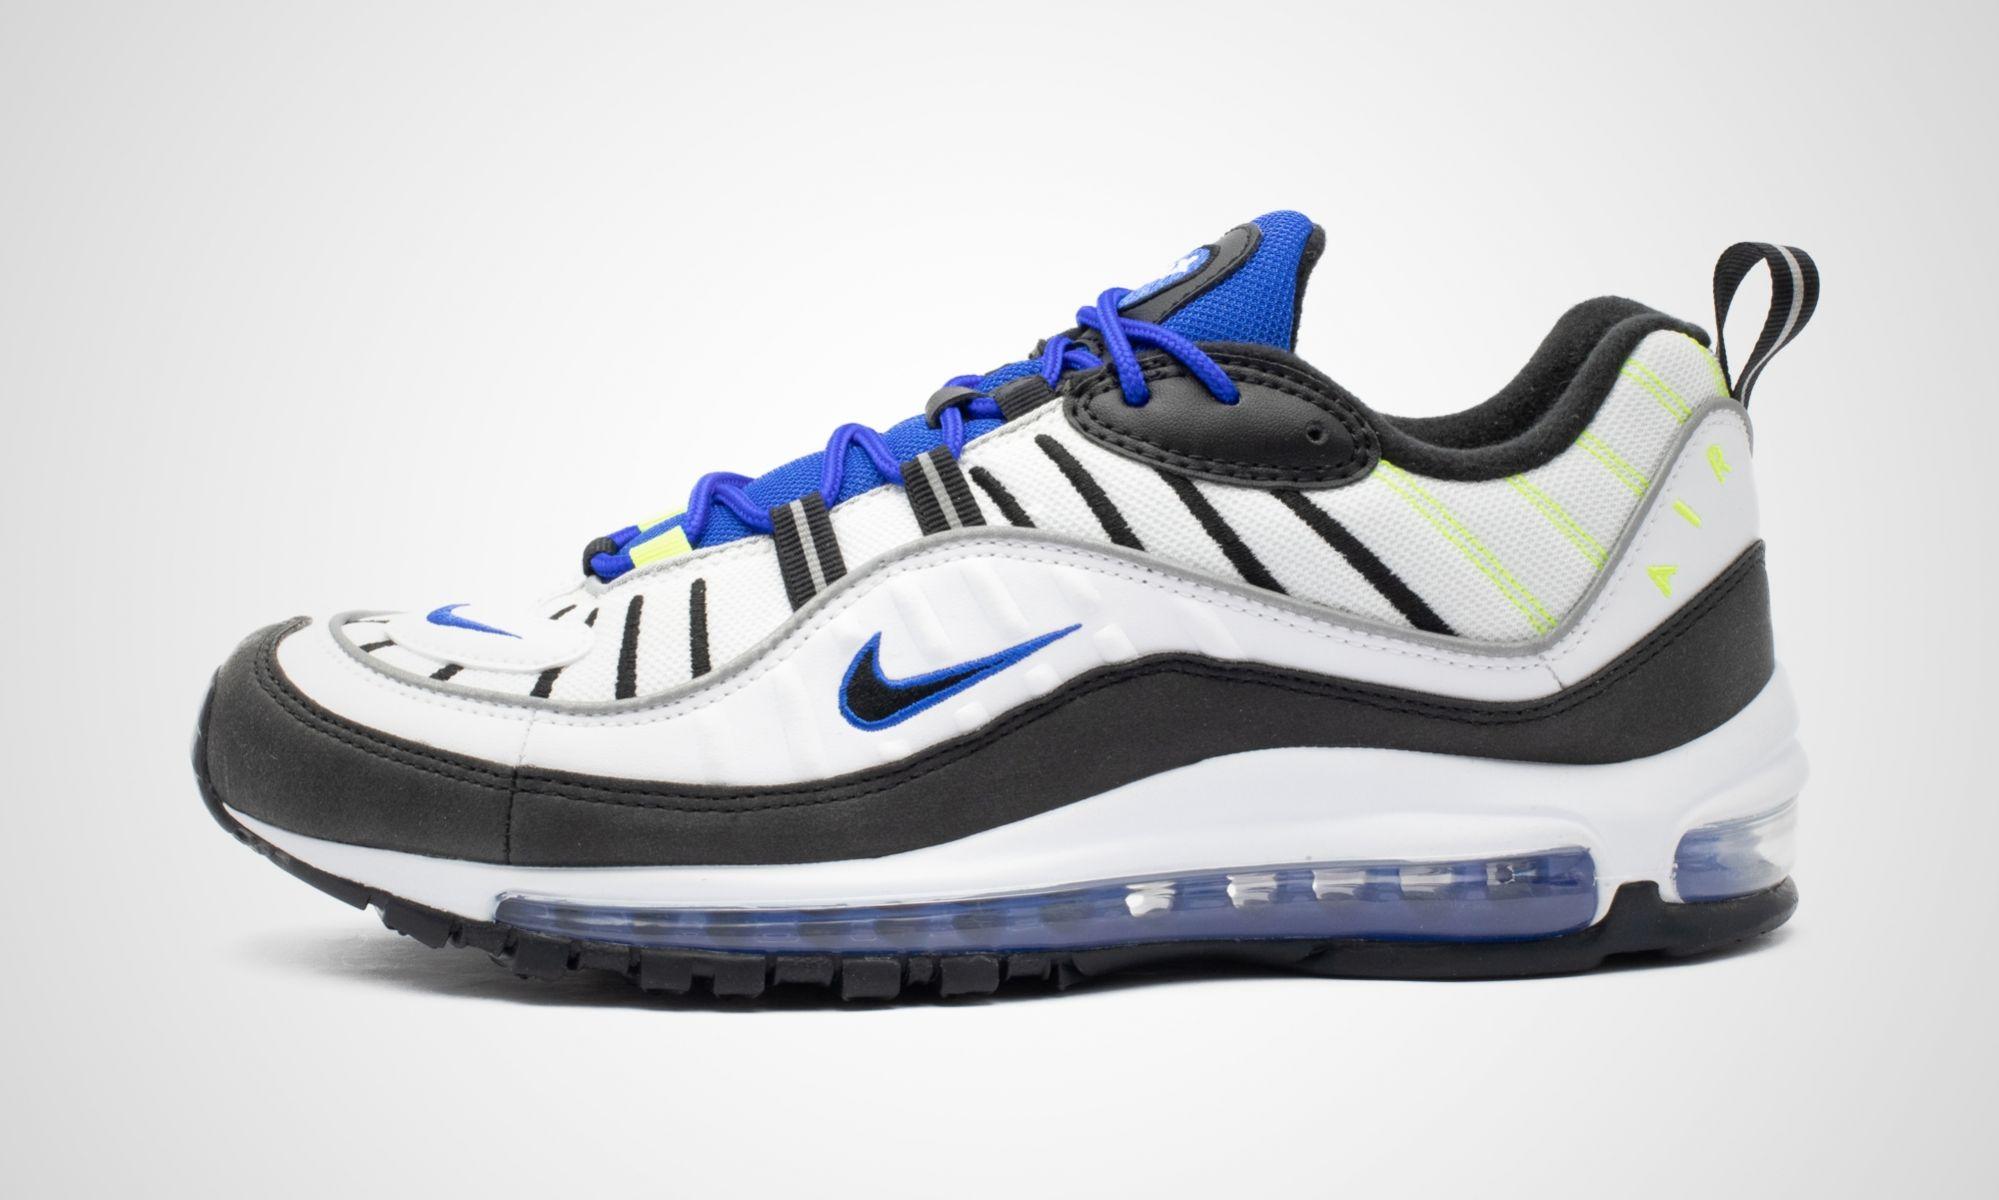 Nike Air Max 98 Racer blau